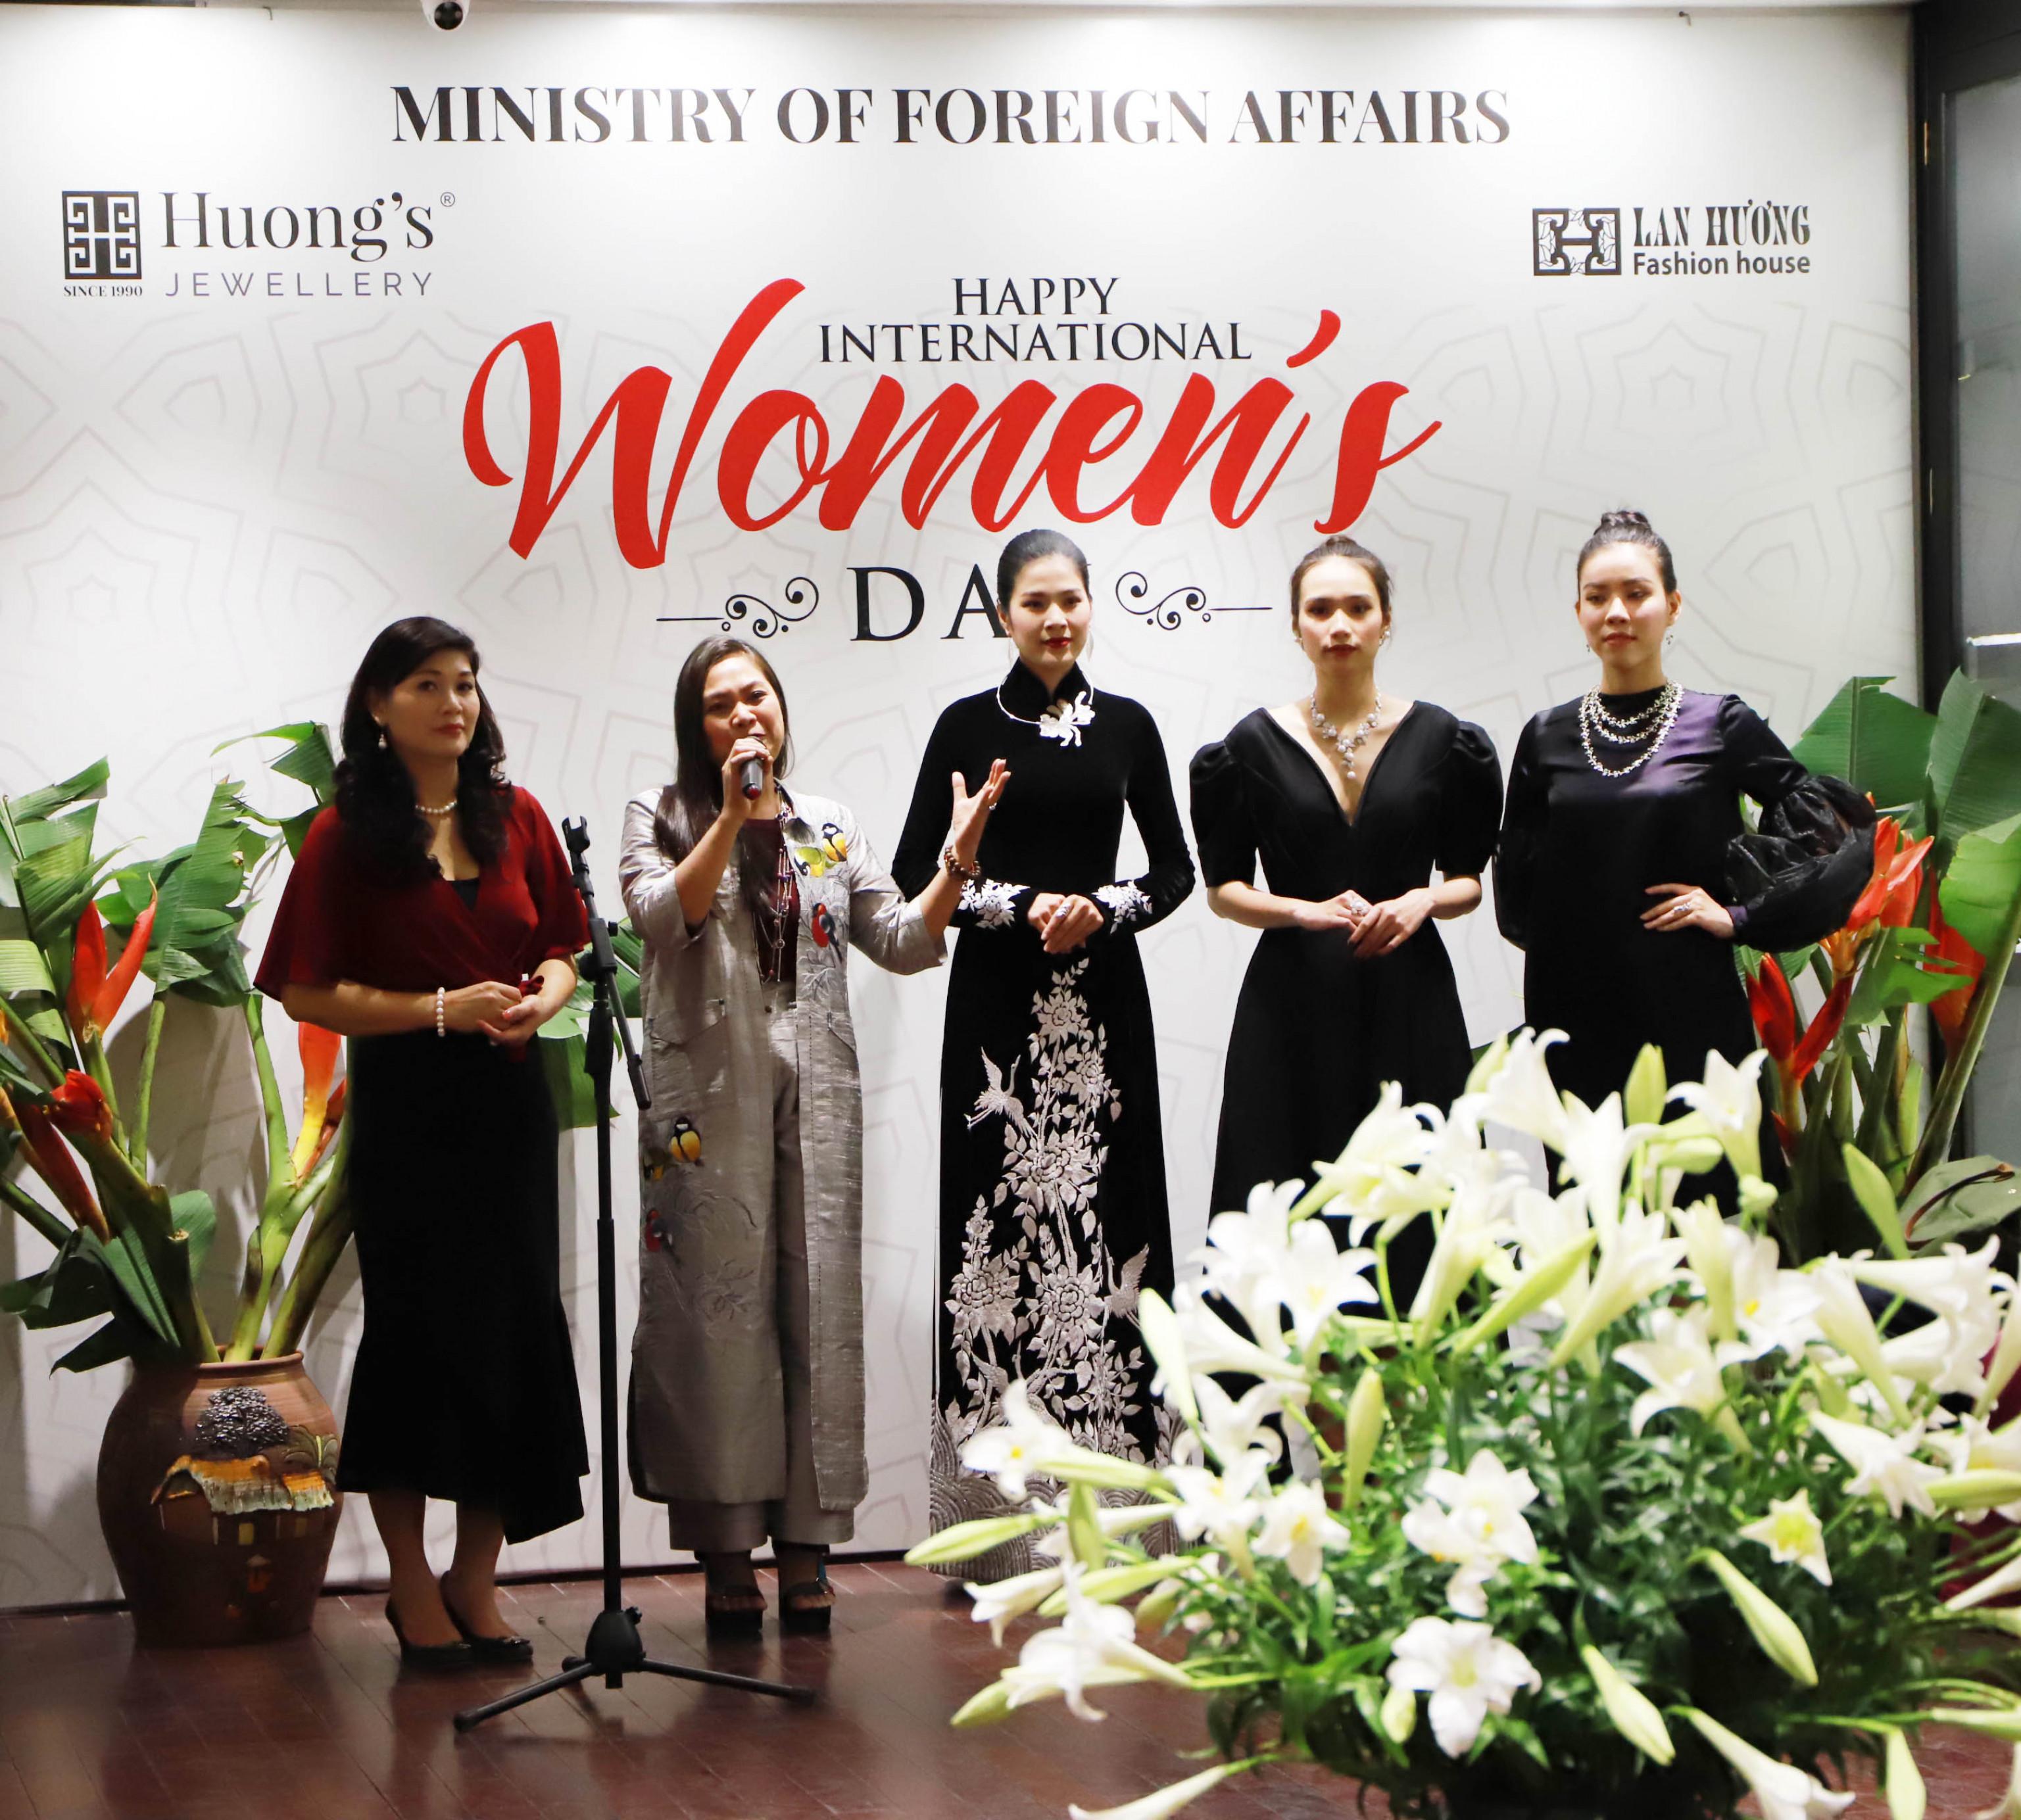 Nhân buổi gặp mặt, nhà Thiết kế trang sức Thu Hương và nhà thiết kế áo dài Lan Hương, đã giới thiệu tới bạn bè quốc tế nghệ thuật dệt lụa tơ tằm và chế tác trang sức ngọc trai thủ công của Việt Nam.